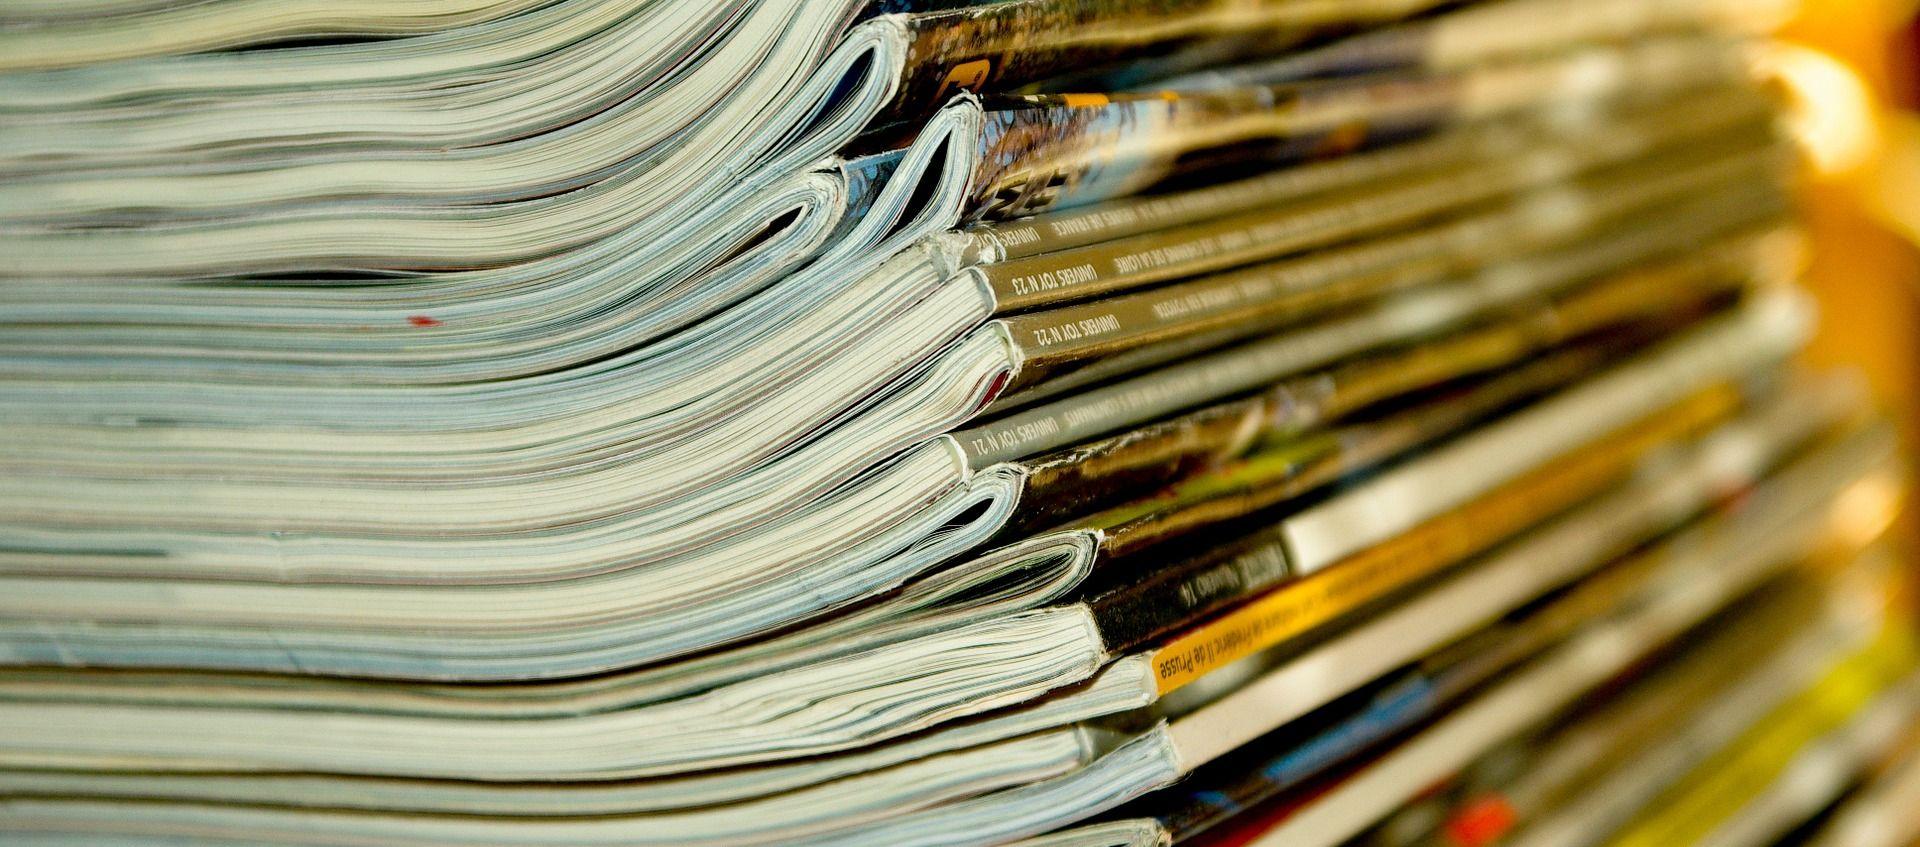 Loš položaj novinara ugrožava slobodu medija i pravo na informiranje